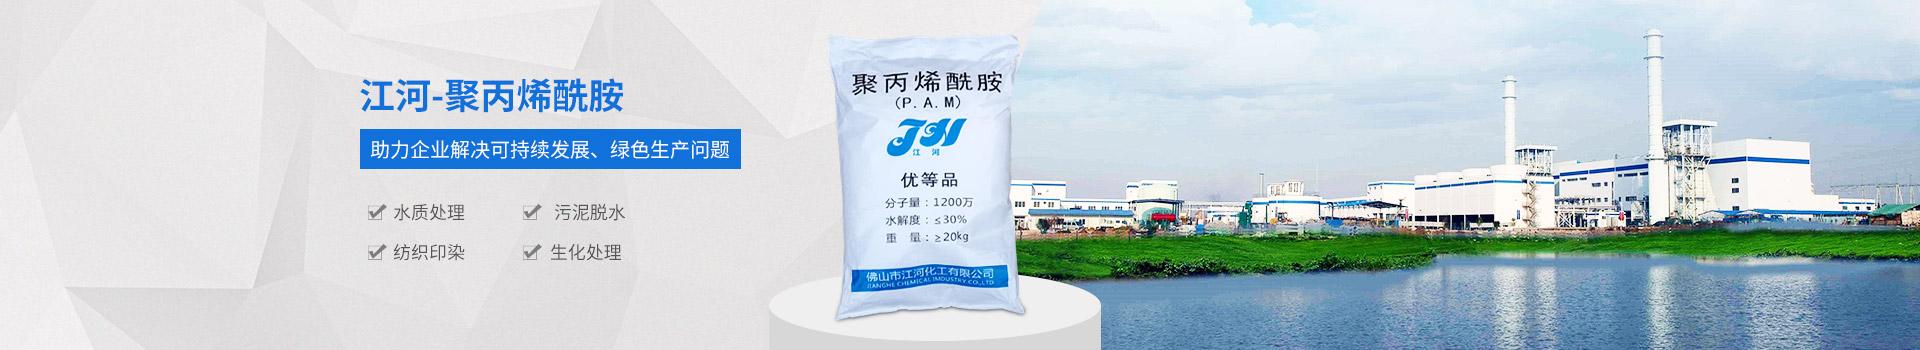 江河化工聚丙烯酰胺,助力企业解决可持续发展、绿色生产问题